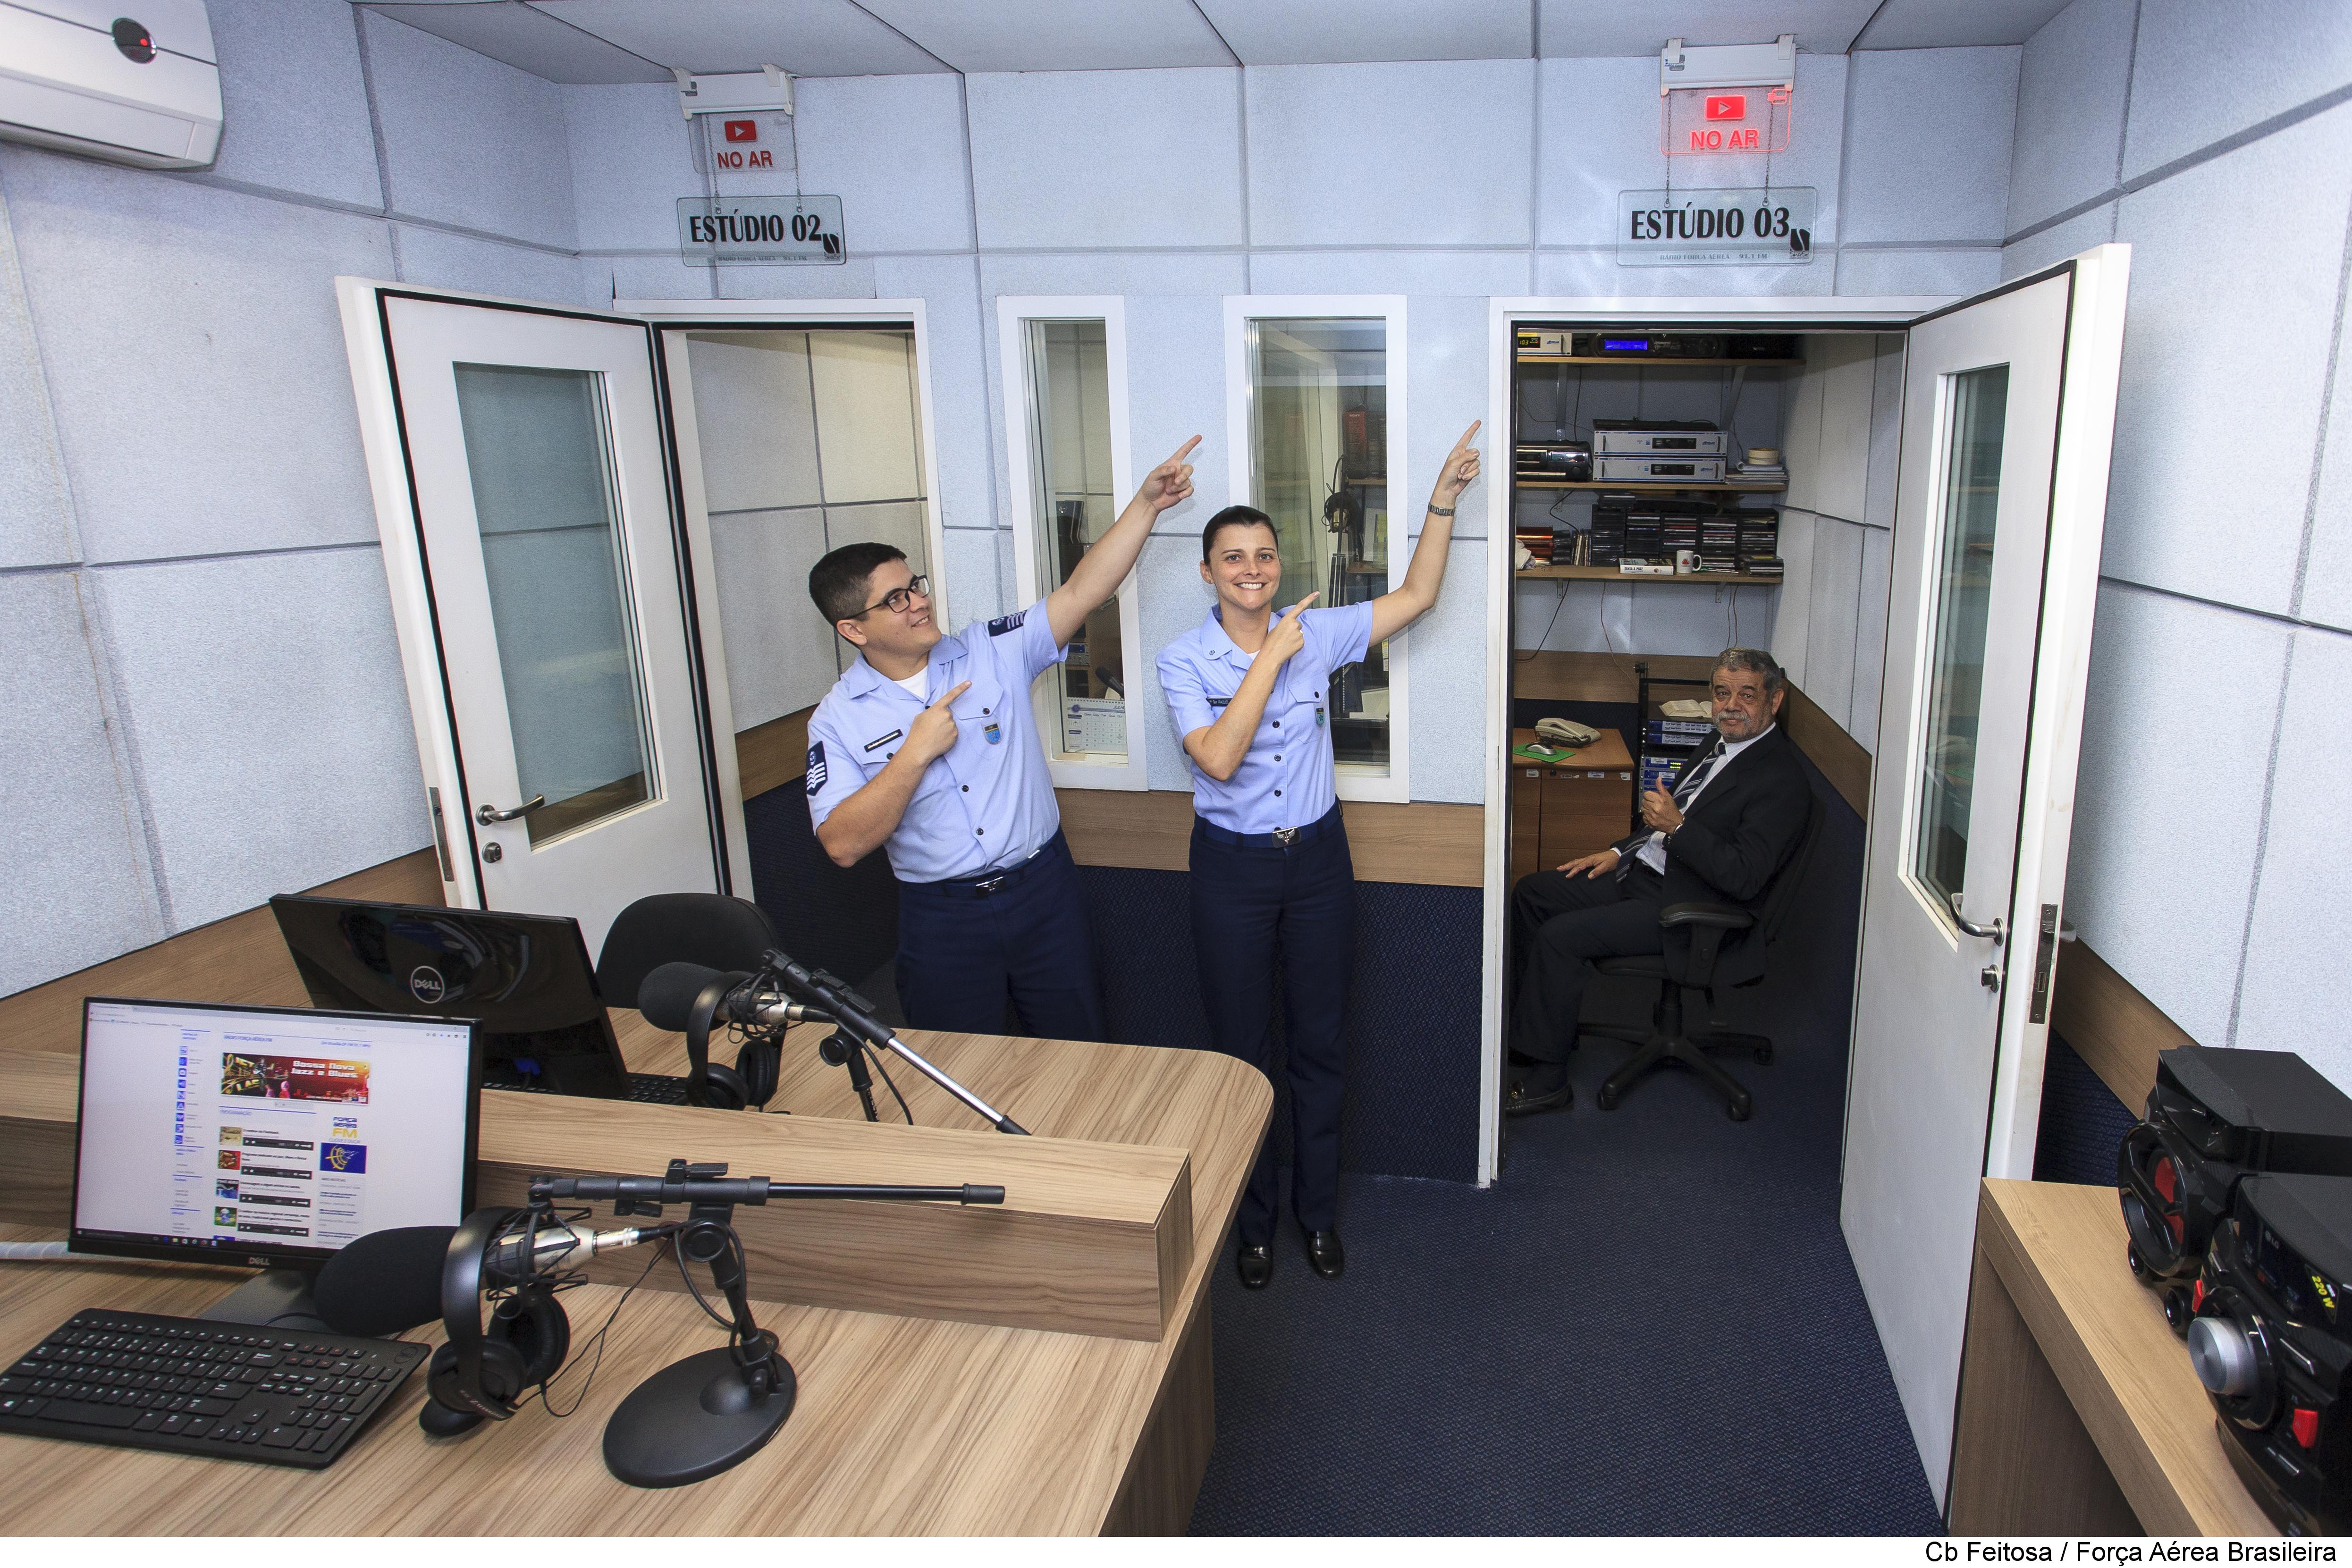 A jornalista Raquel de Souza Alves, cercada pelos colegas da Força Aérea FM, batiza os programas: Ponte Aérea, 14 Bis, Jet Lag, Voo Noturno, Top FAB.